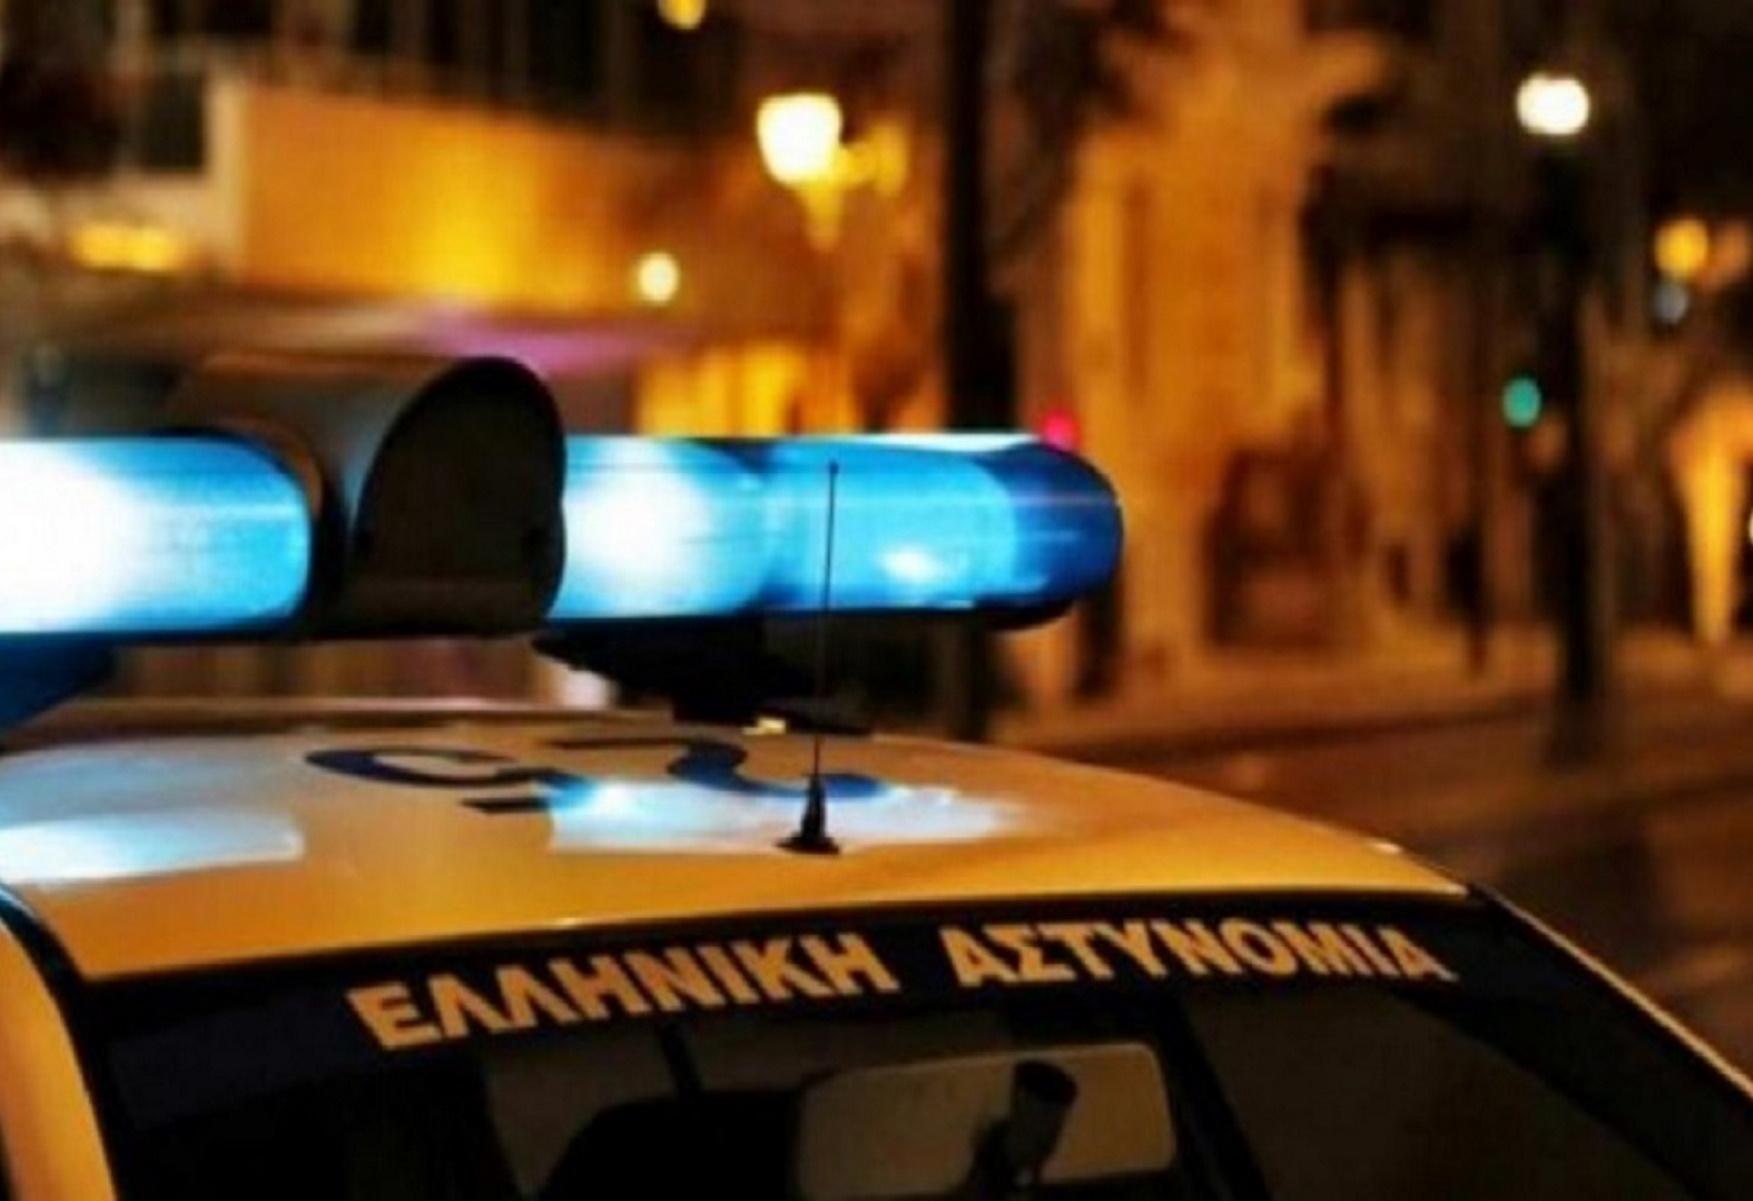 Πλατεία Αττικής: Ξέχασαν όπλο σε ταξί – Πυροβολισμοί και καταδίωξη